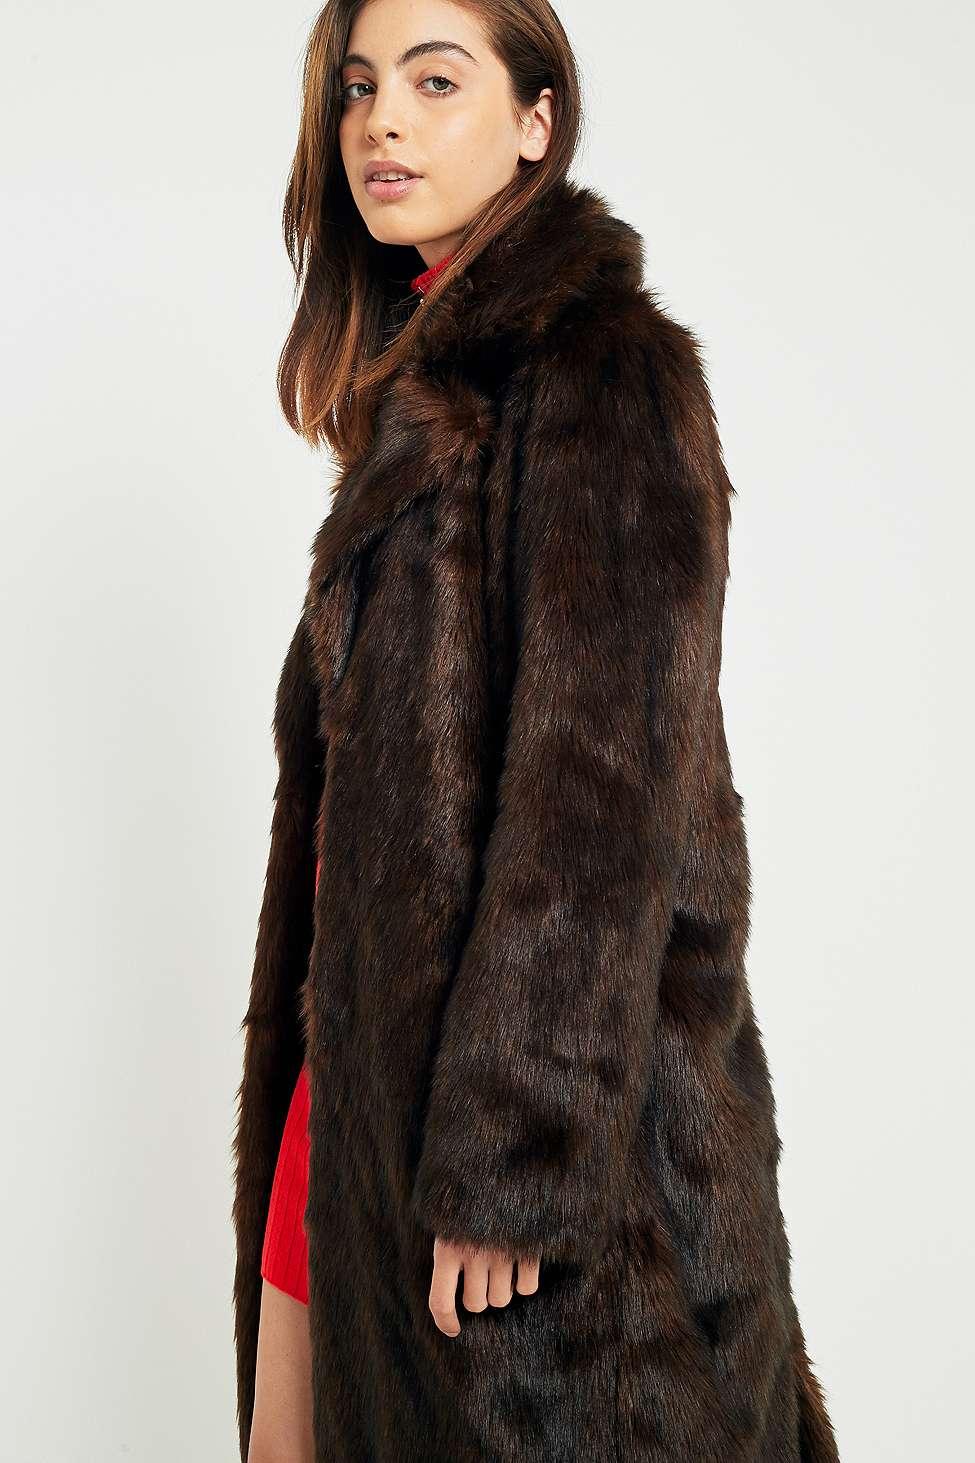 Light Before Dark Midi Chocolate Brown Faux Fur Coat | Urban ...